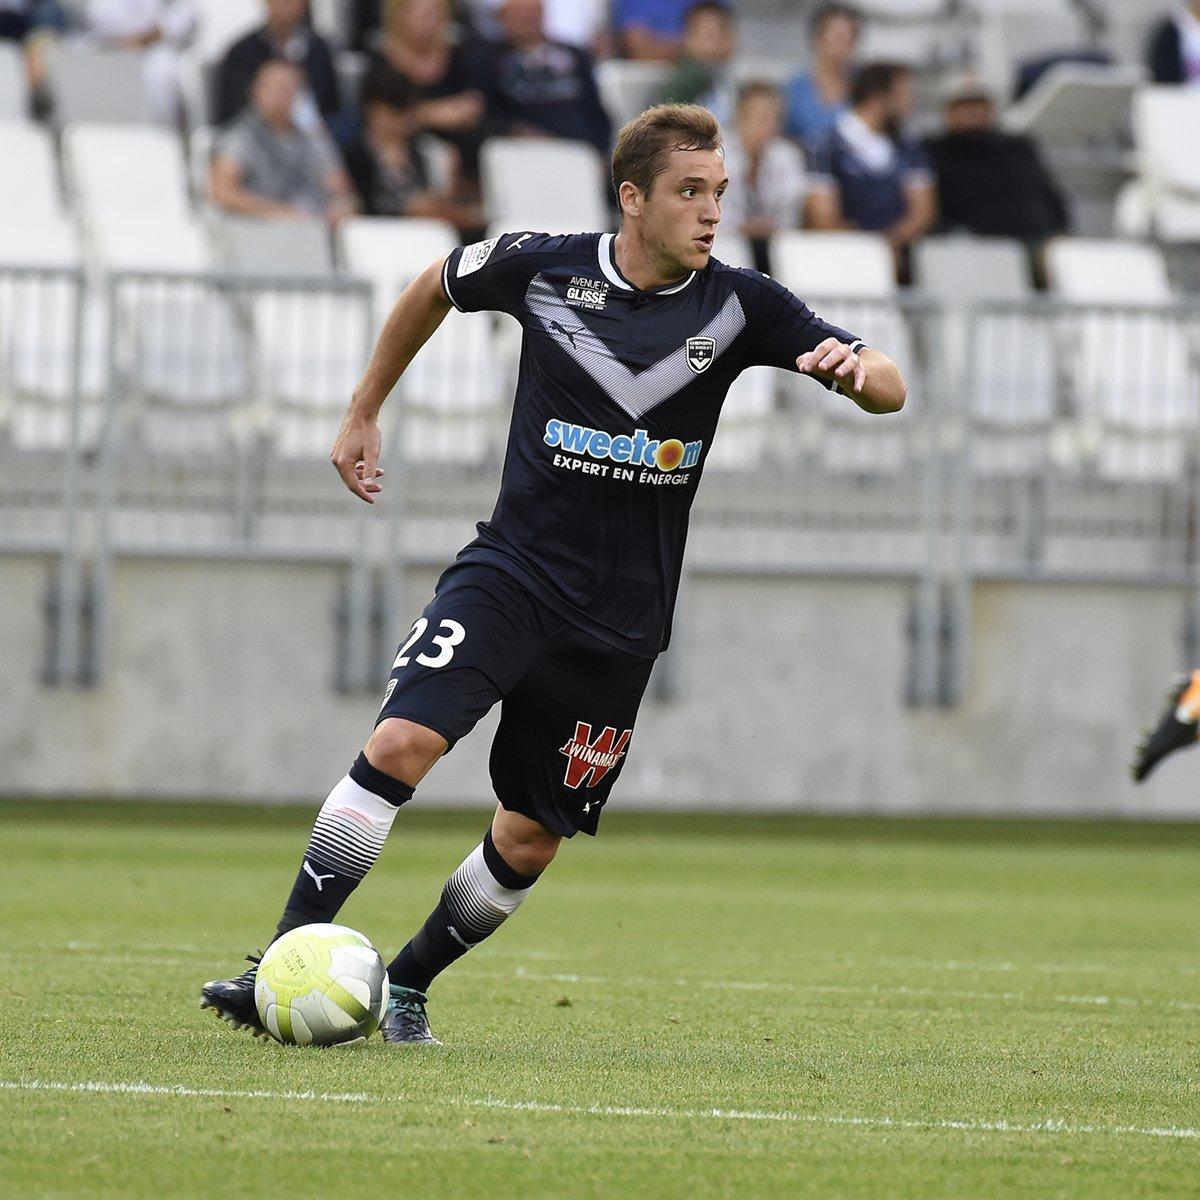 Mercato  ValentinVada est prêté sans option d achat à  ASSEofficiel  jusqu à la fin de saison. On te souhaite le meilleur dans le Forez Vale !  ... d778c591a916